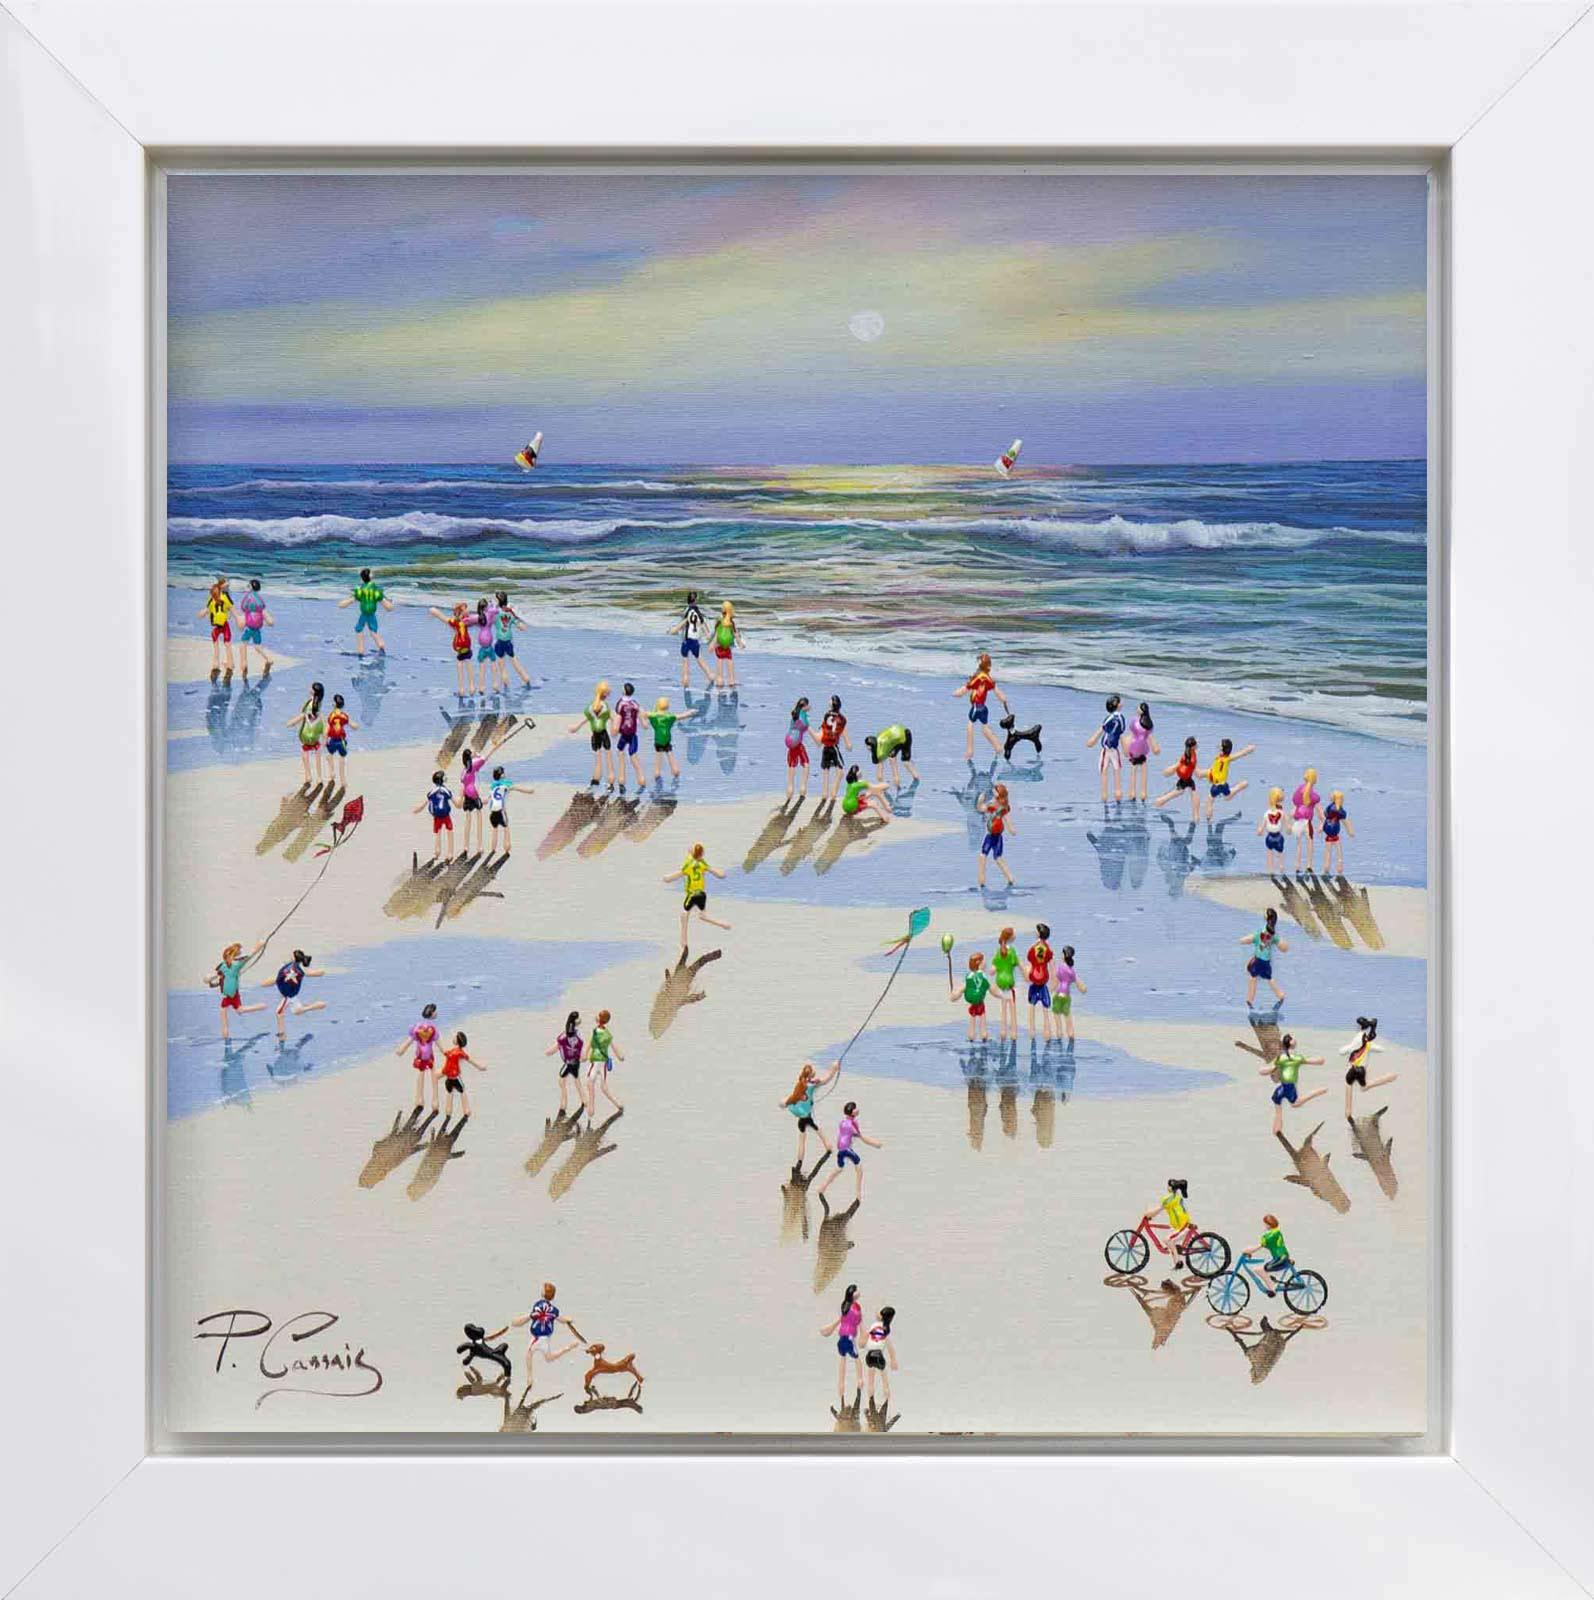 Sand and Surf, Paola Cassais